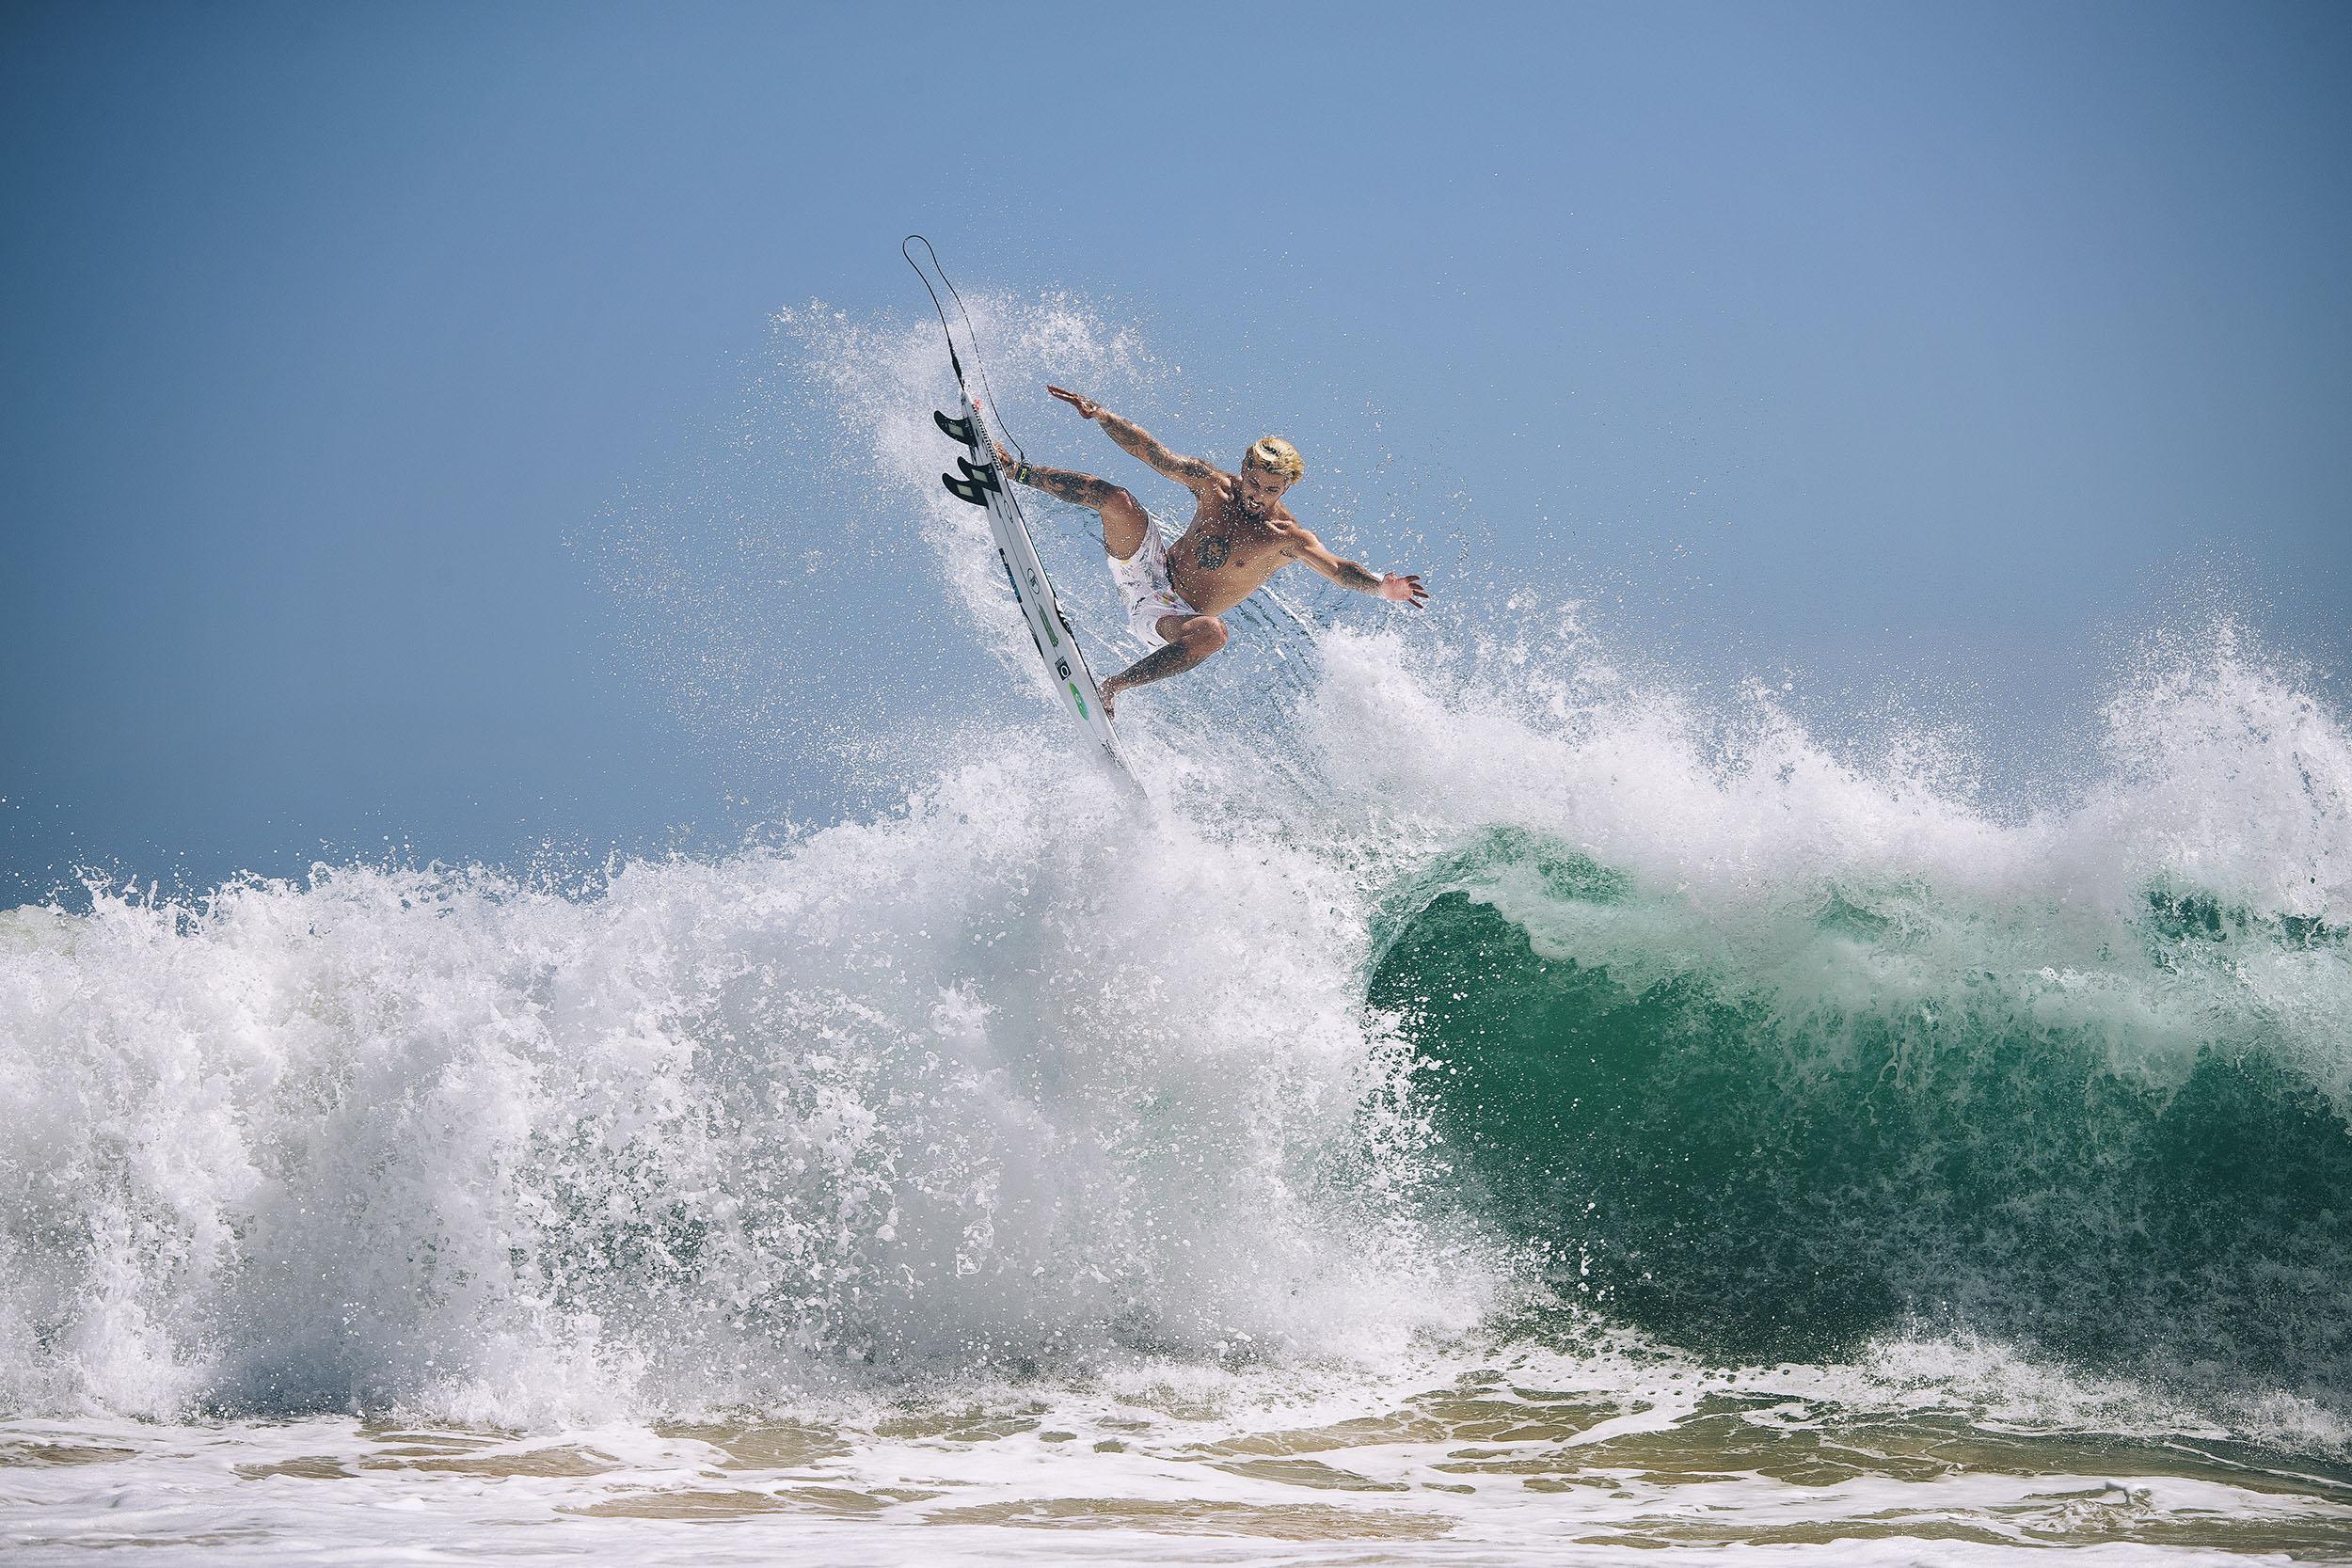 b0accc0914 Boardshort Spotlight: Hurley - Surfline